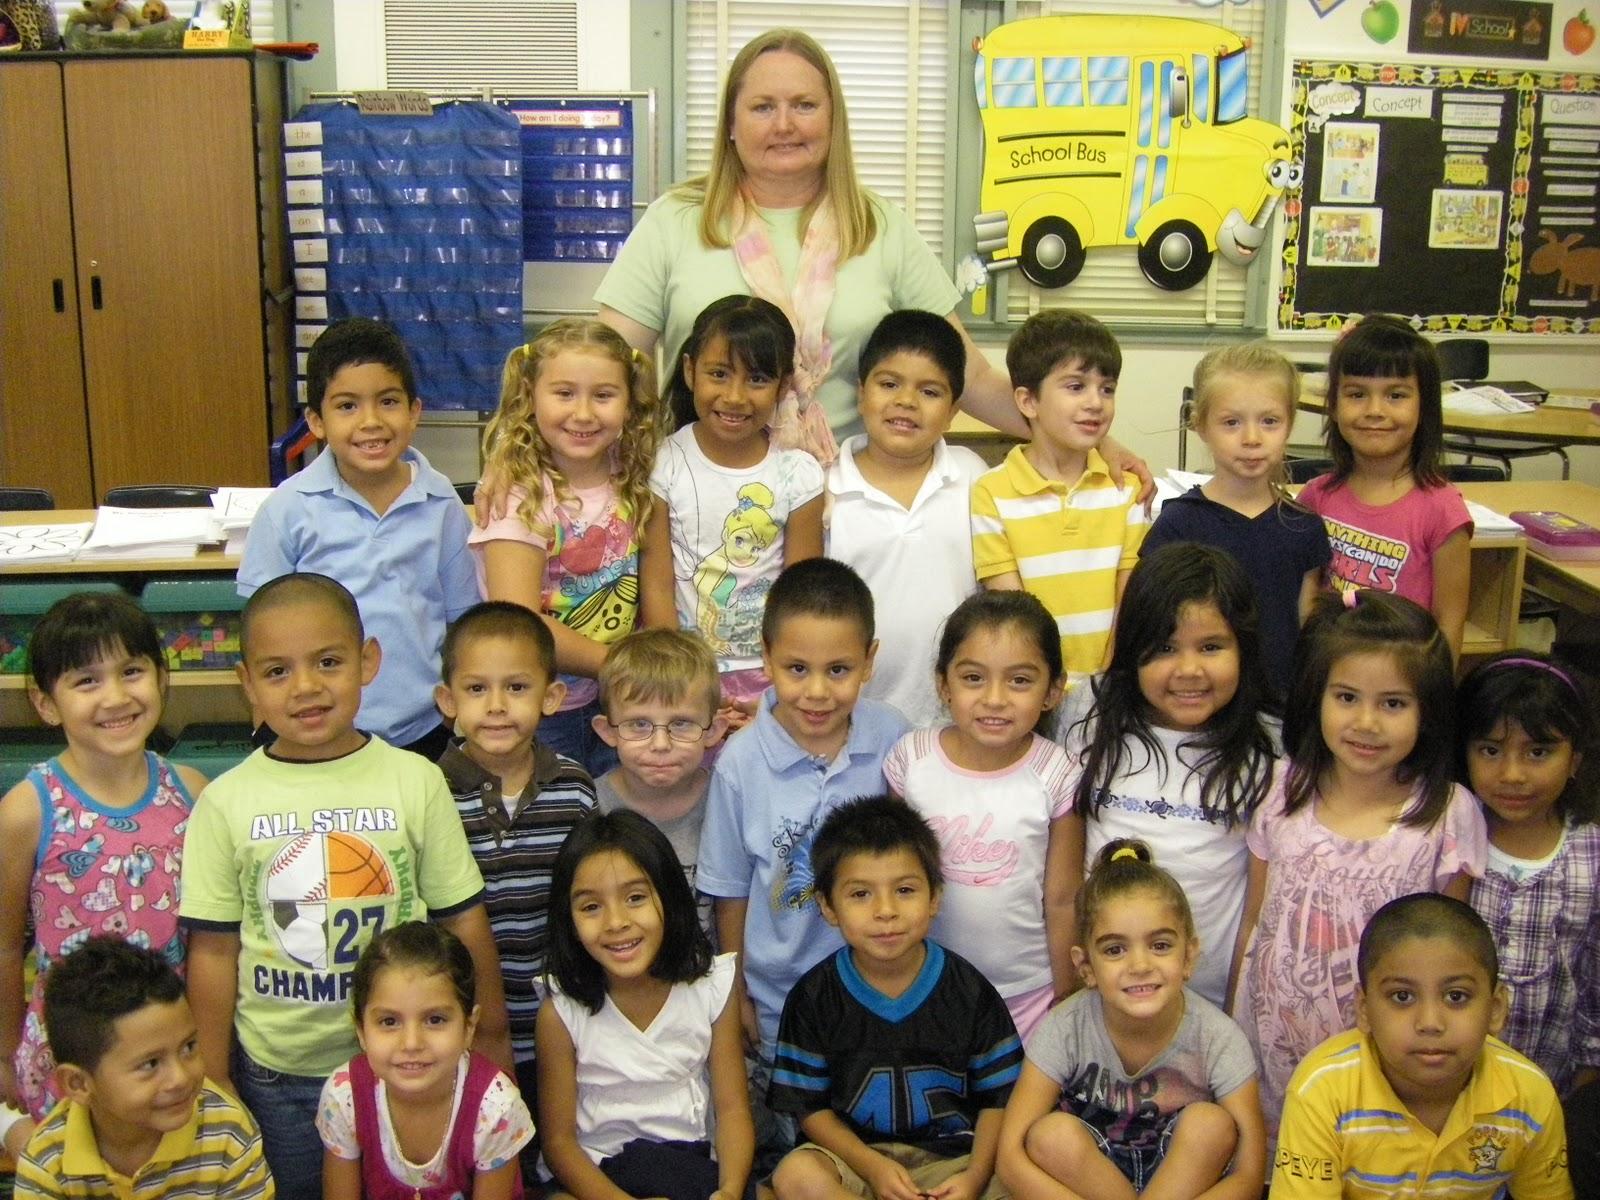 Worksheet Kindergarten Elementary School coldwater canyon elementary school kindergarten1st grade school